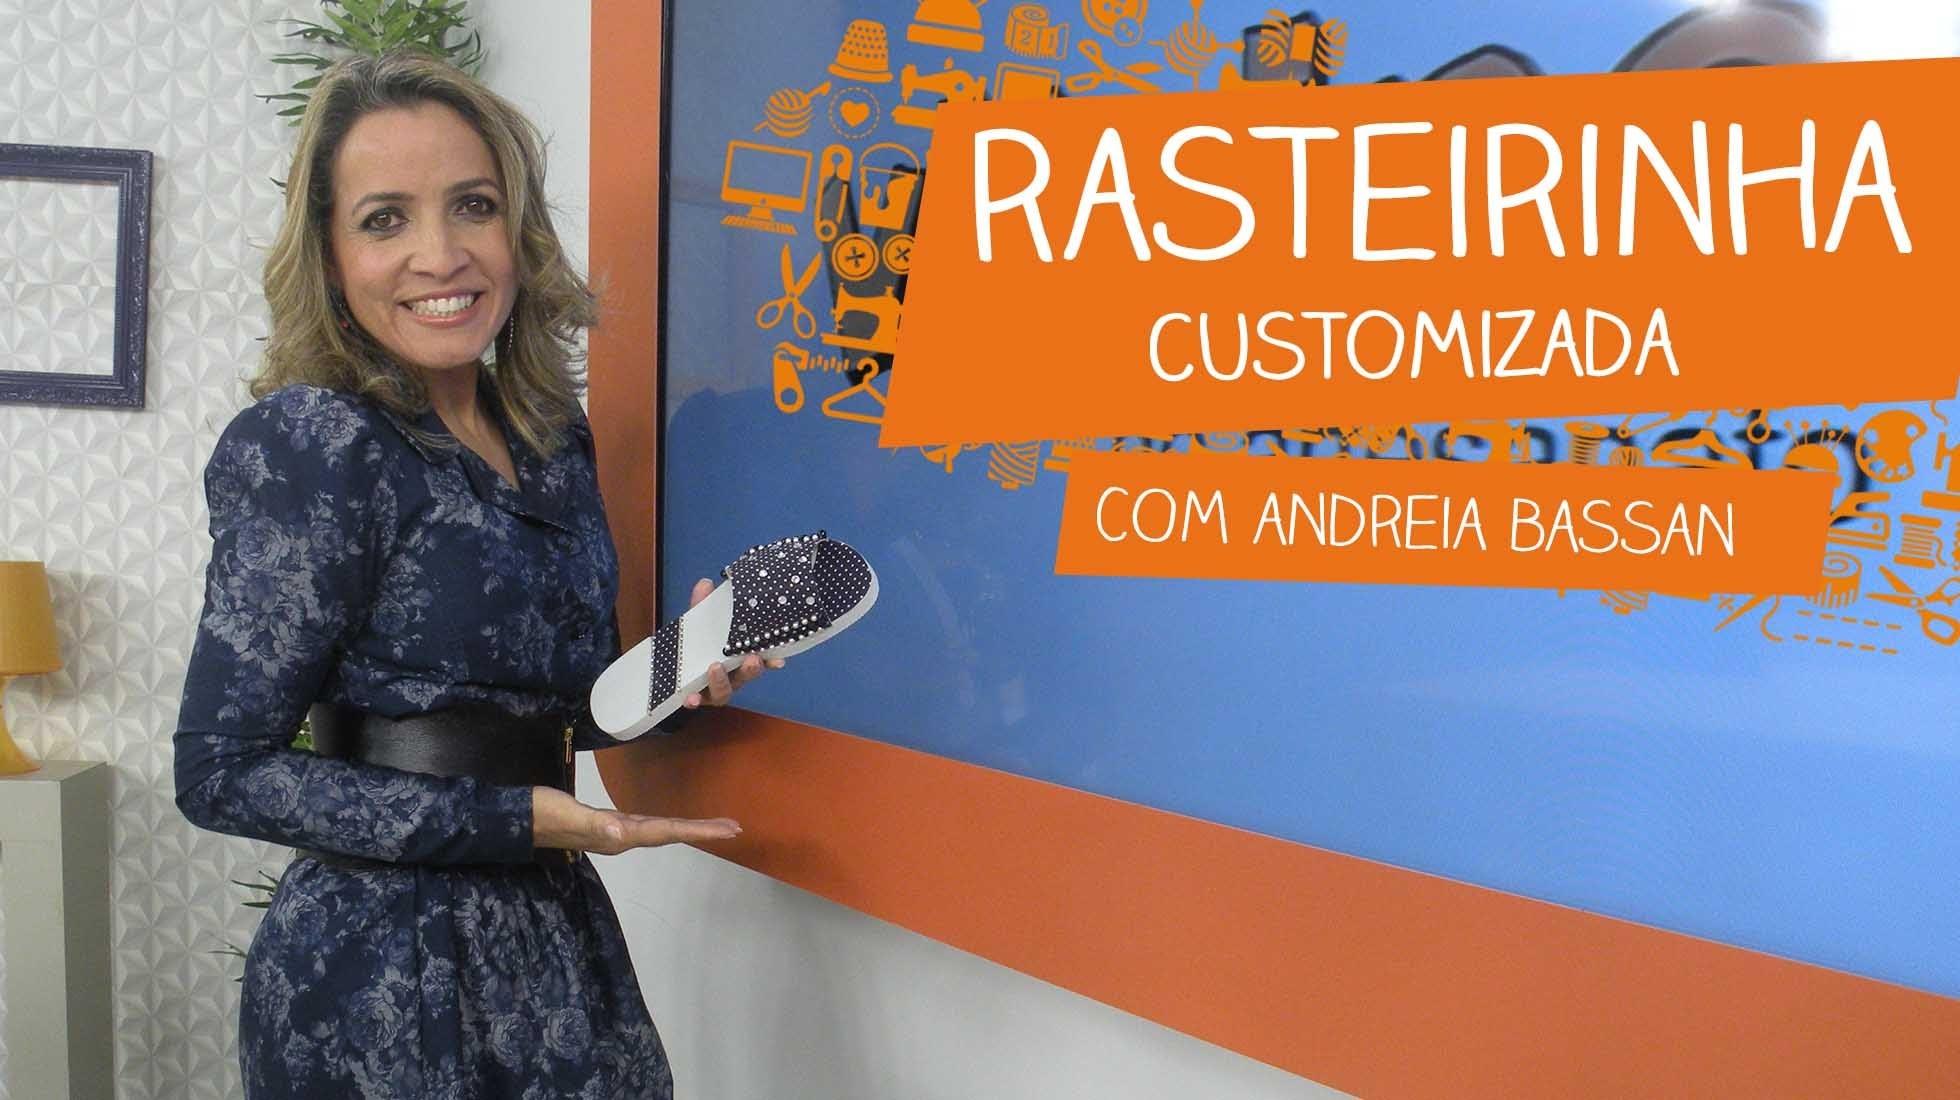 Rasteirinha Customizada com Andreia Bassan | Vitrine do Artesanato na TV